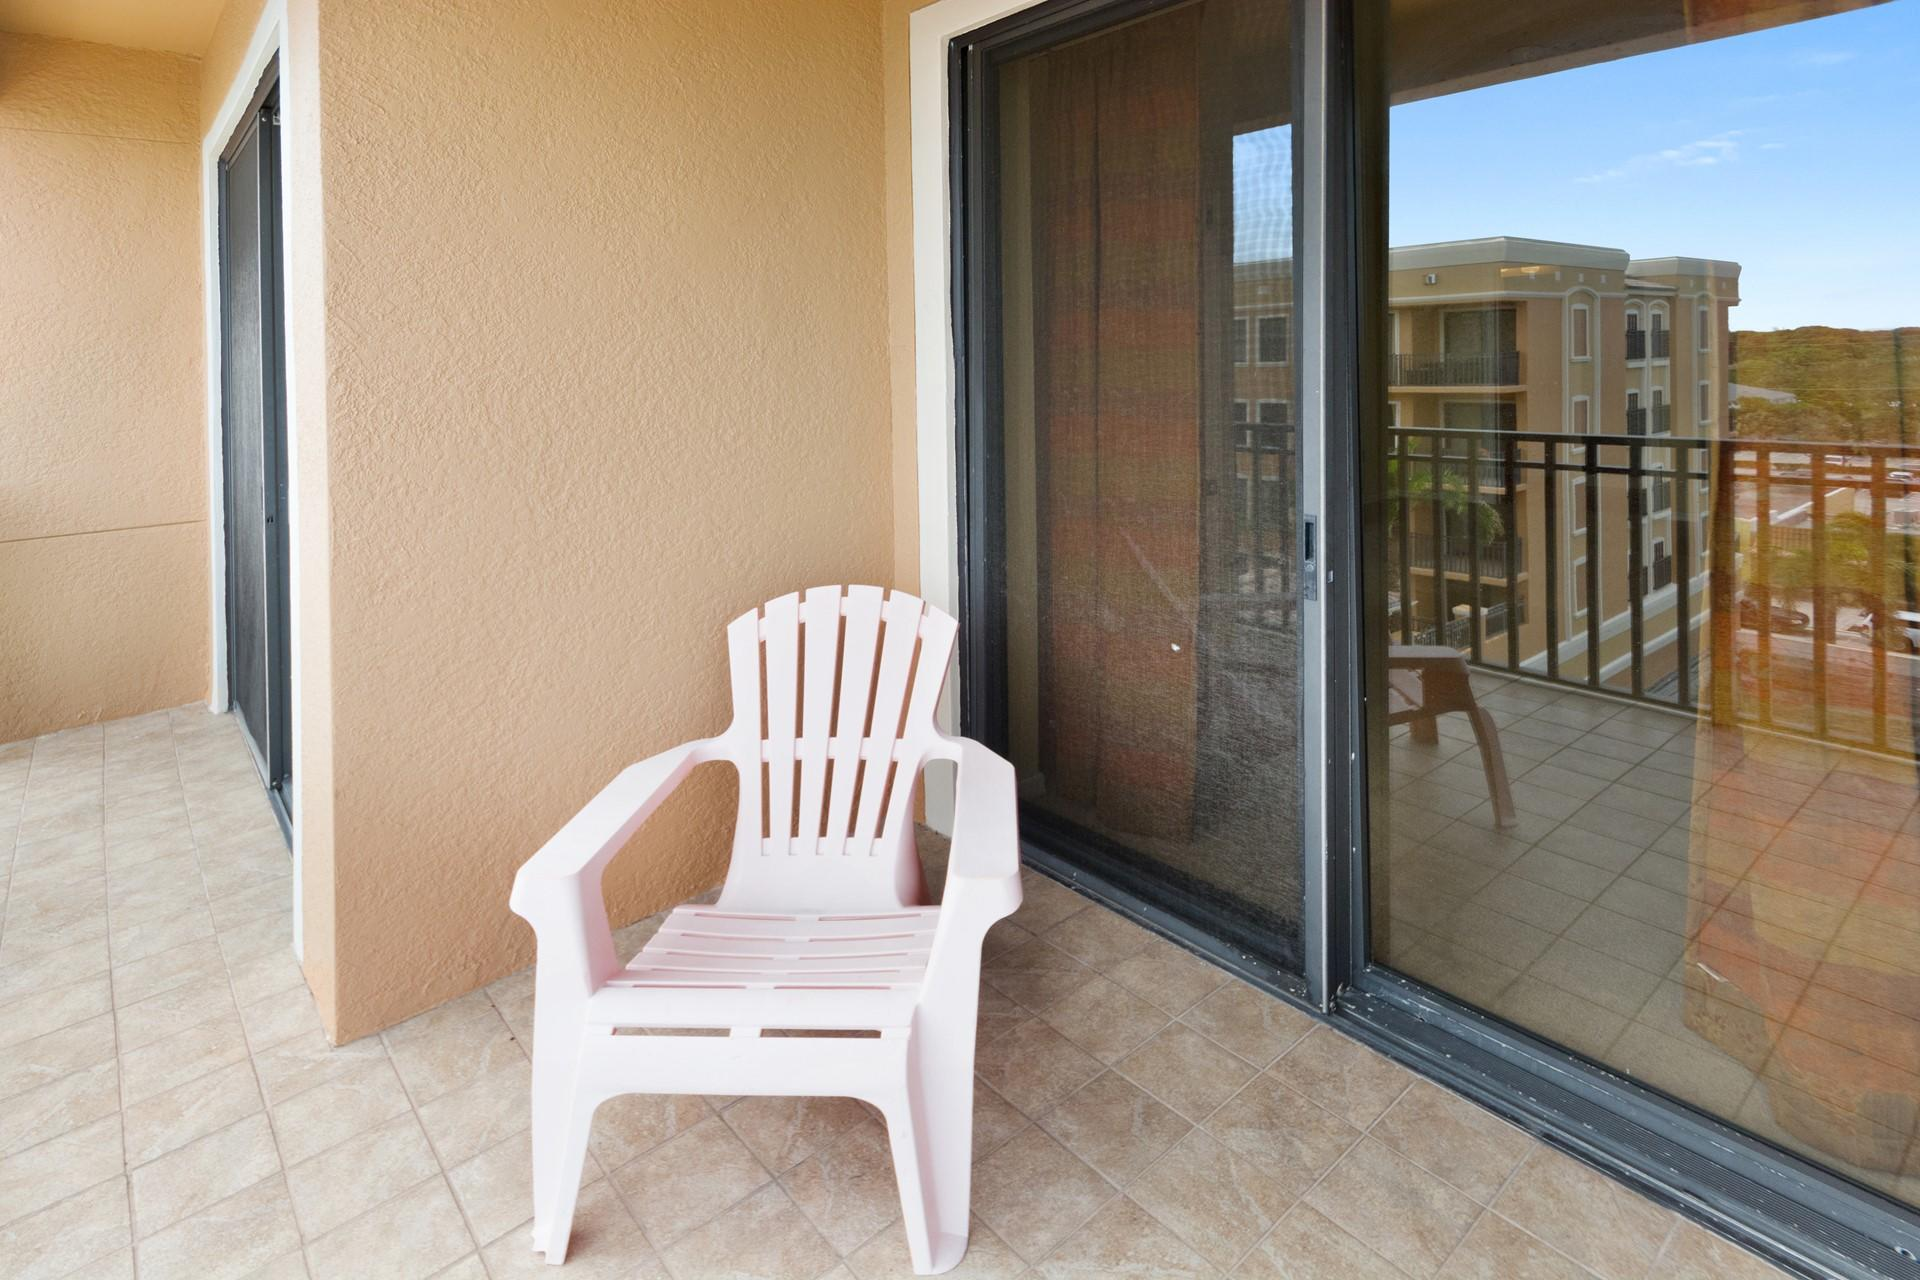 Balcony to enjoy views